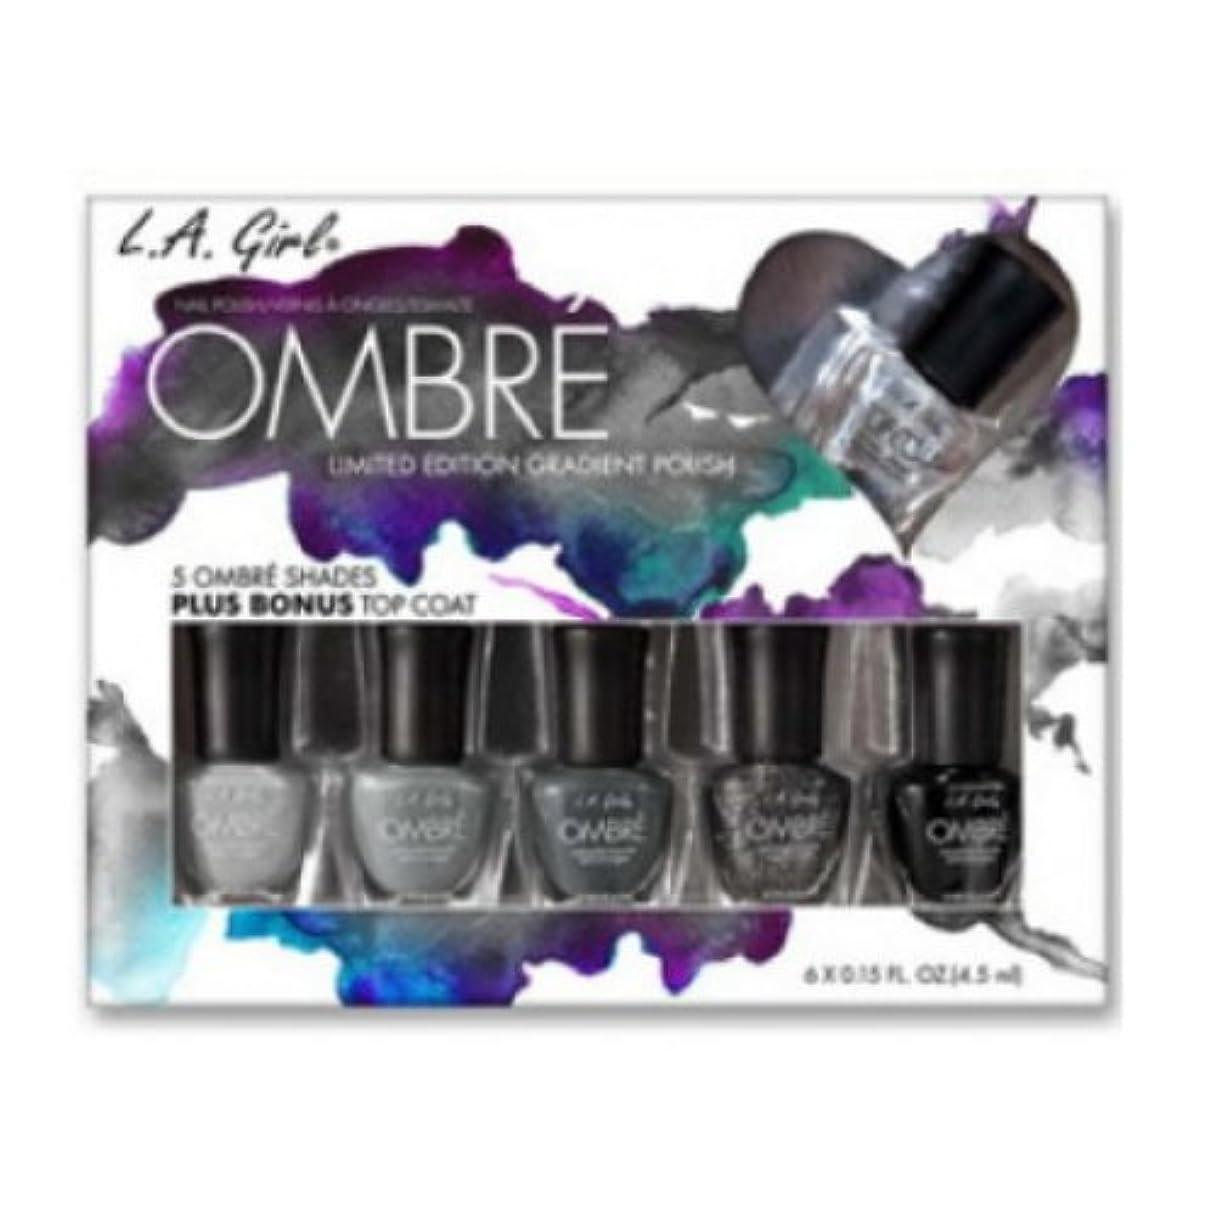 不従順想起並外れた(6 Pack) L.A. GIRL Ombre Limited Edition Gradient Polish Set - Midnite (並行輸入品)